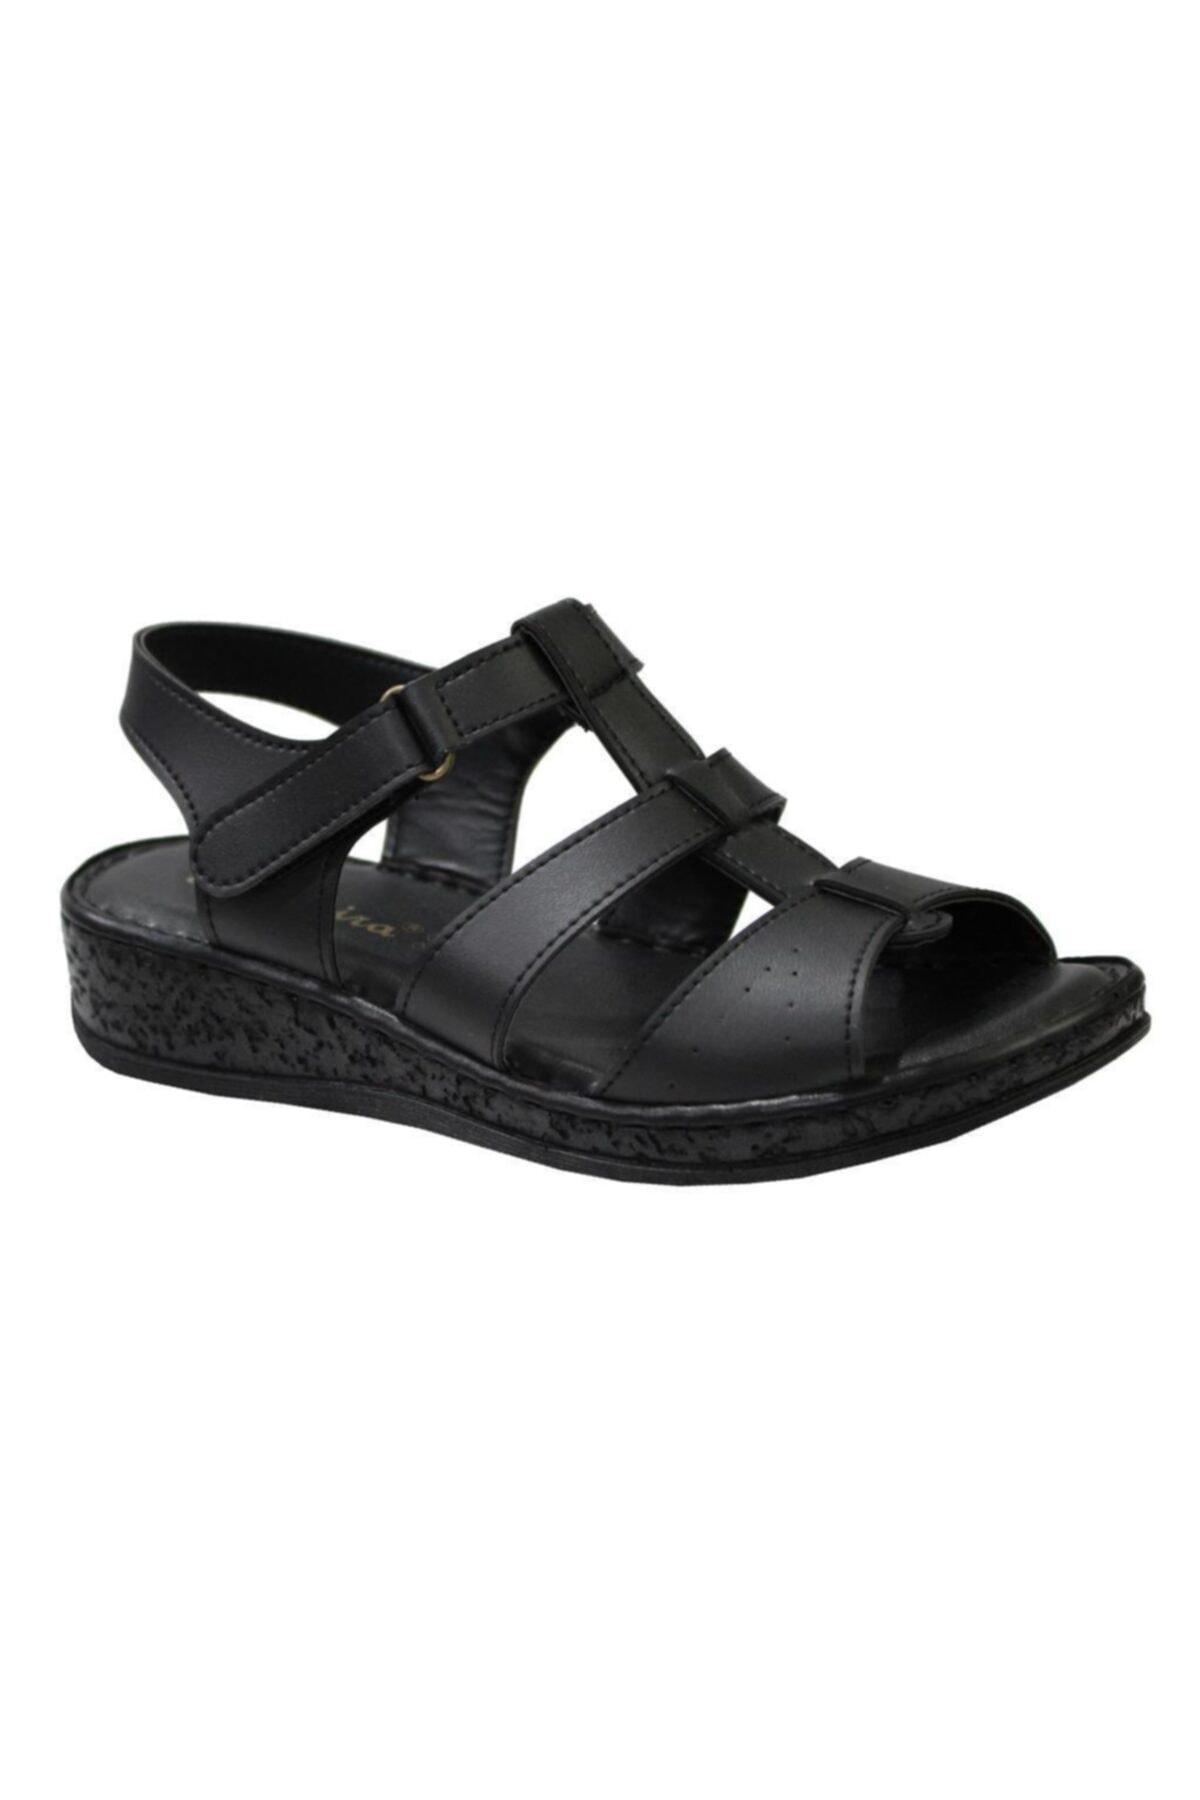 Mehmet Mete Siyah La Meira Anotomik Kadın Sandalet Ayakkabı 0262